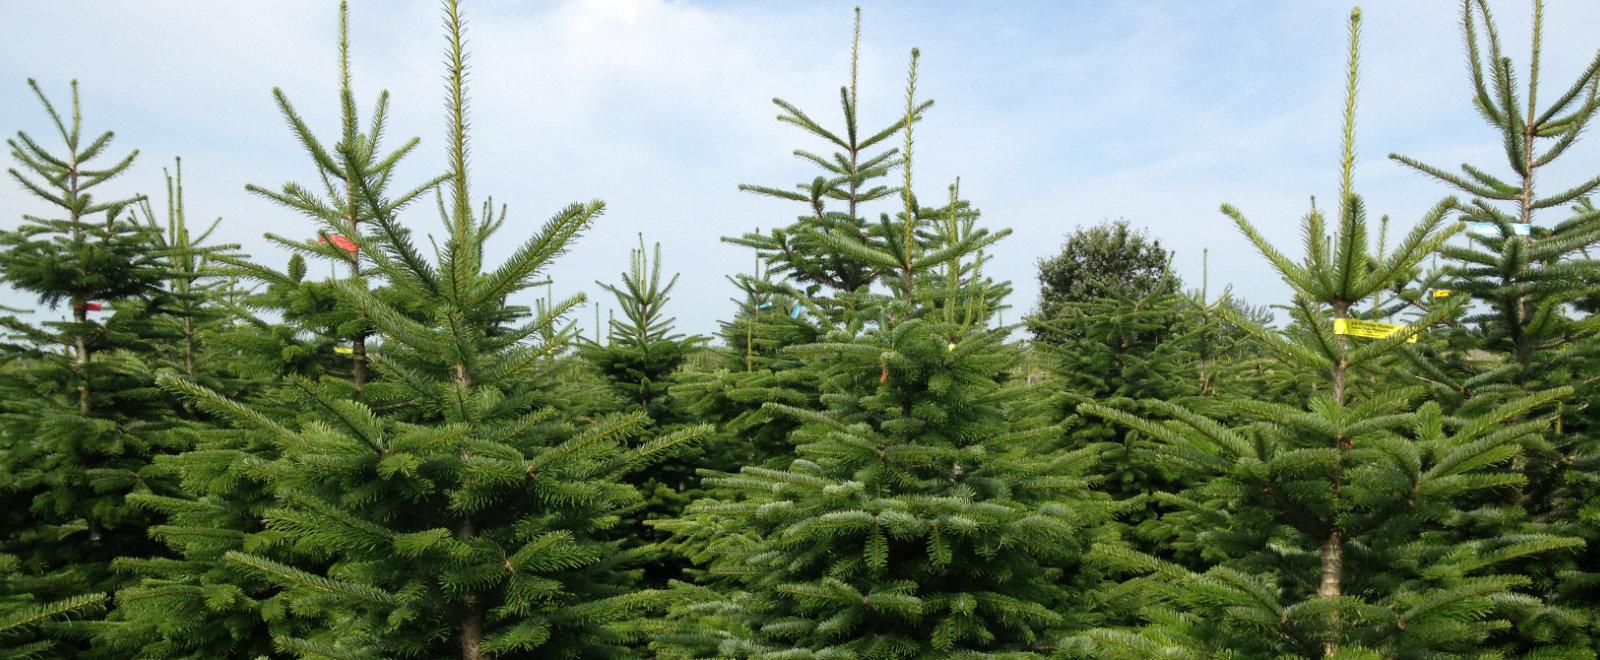 Tannenbaum Selber Schlagen.Weihnachtsmarkt Weihnachtsbaume Tannenbaum Bremen Achim Verden